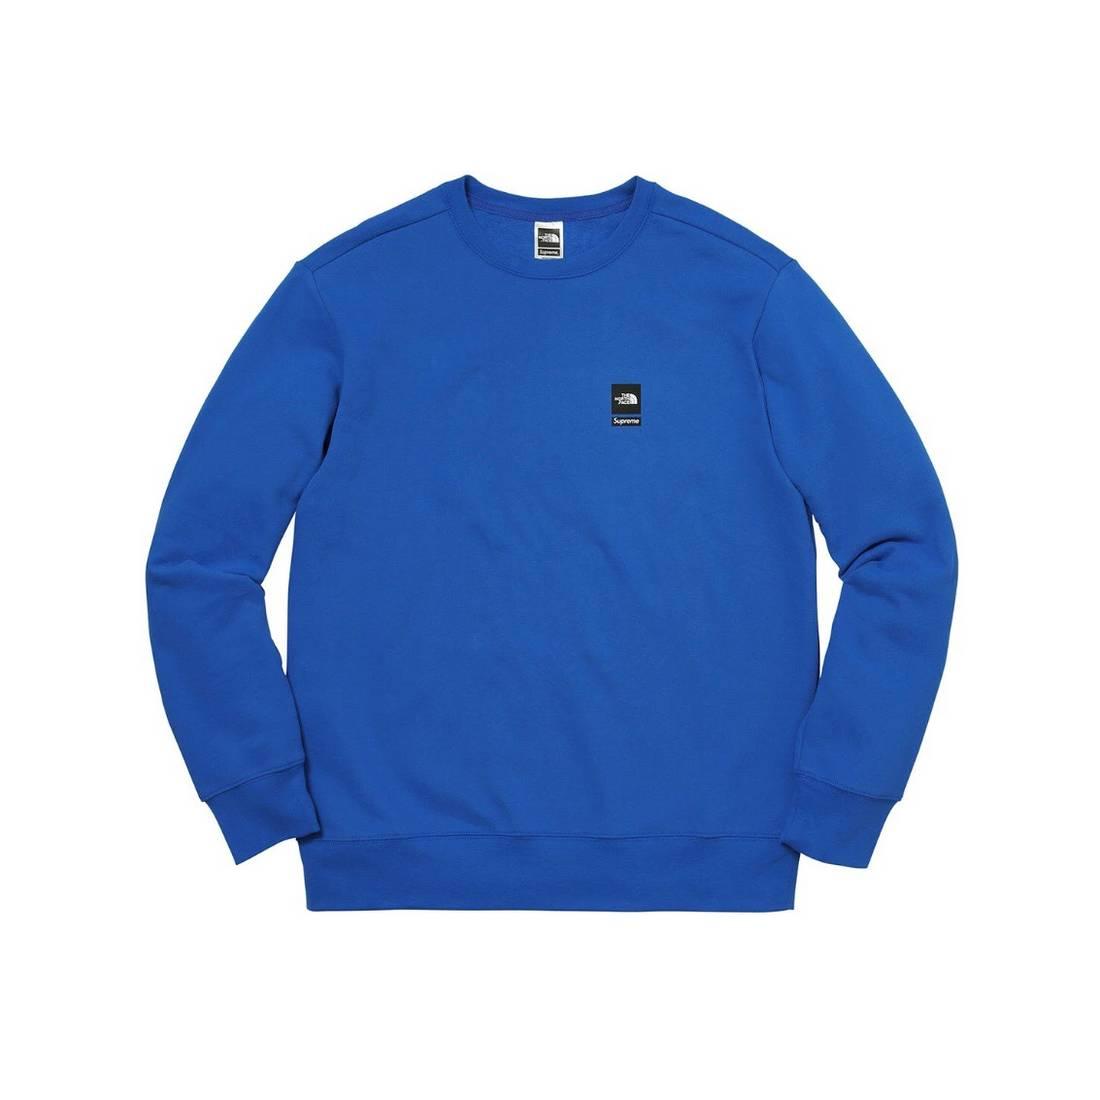 Supreme Supreme North Face Crewneck Blue Large L TNF Sweater ...